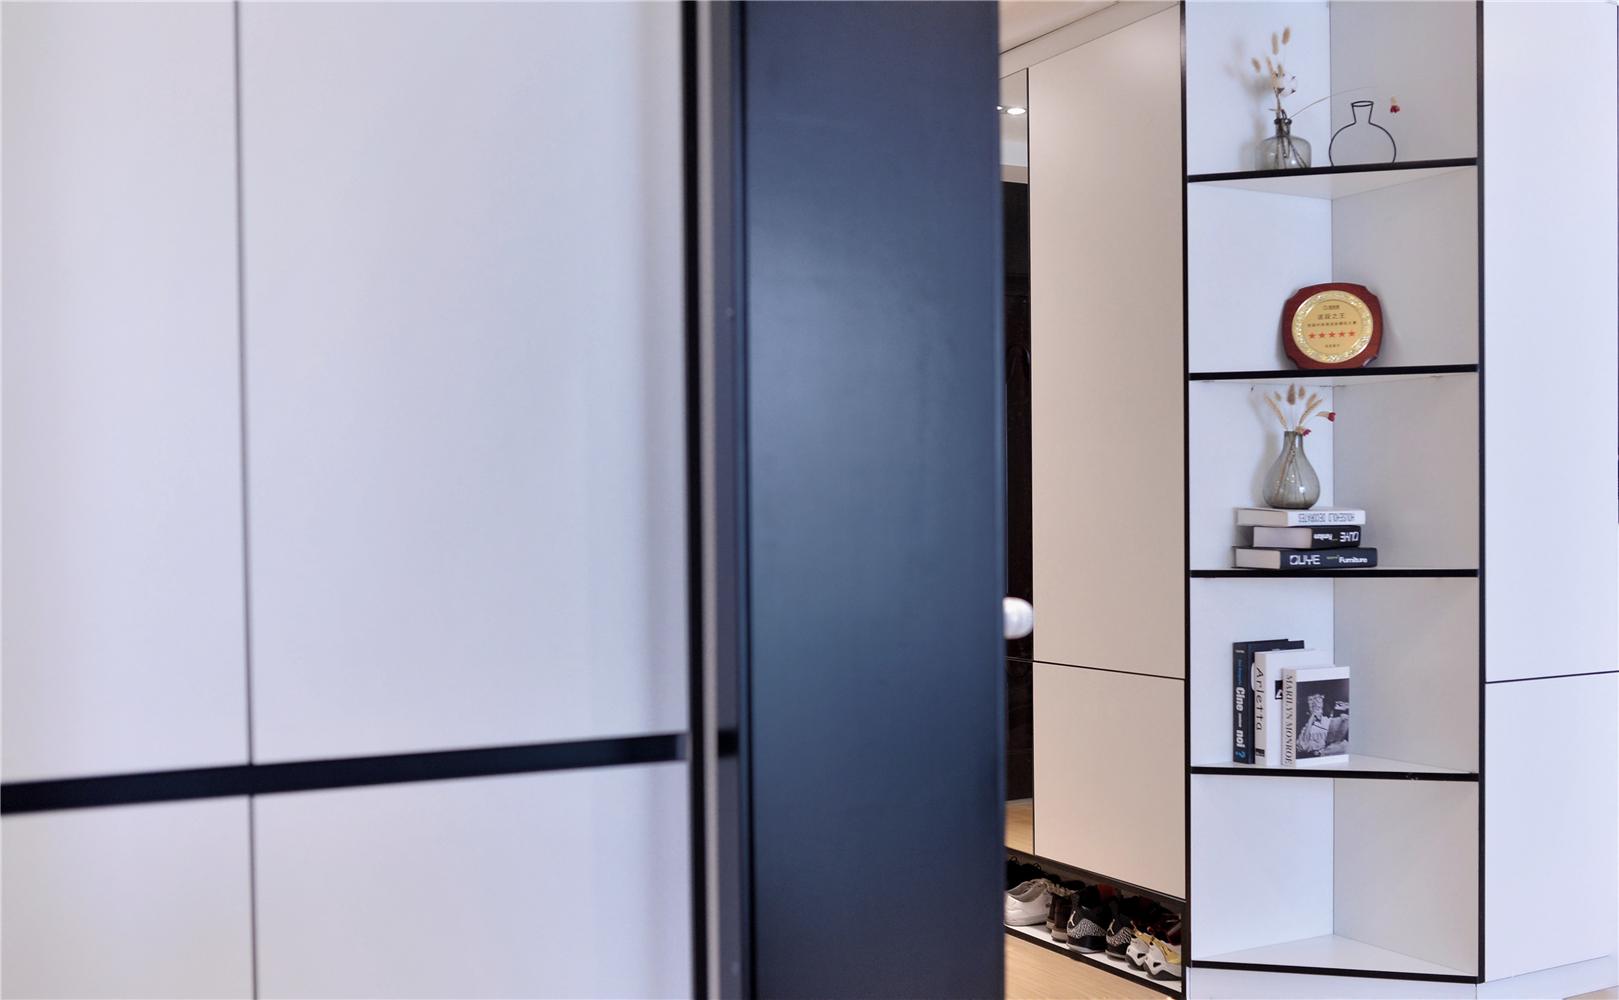 100㎡现代简约装修展示柜设计